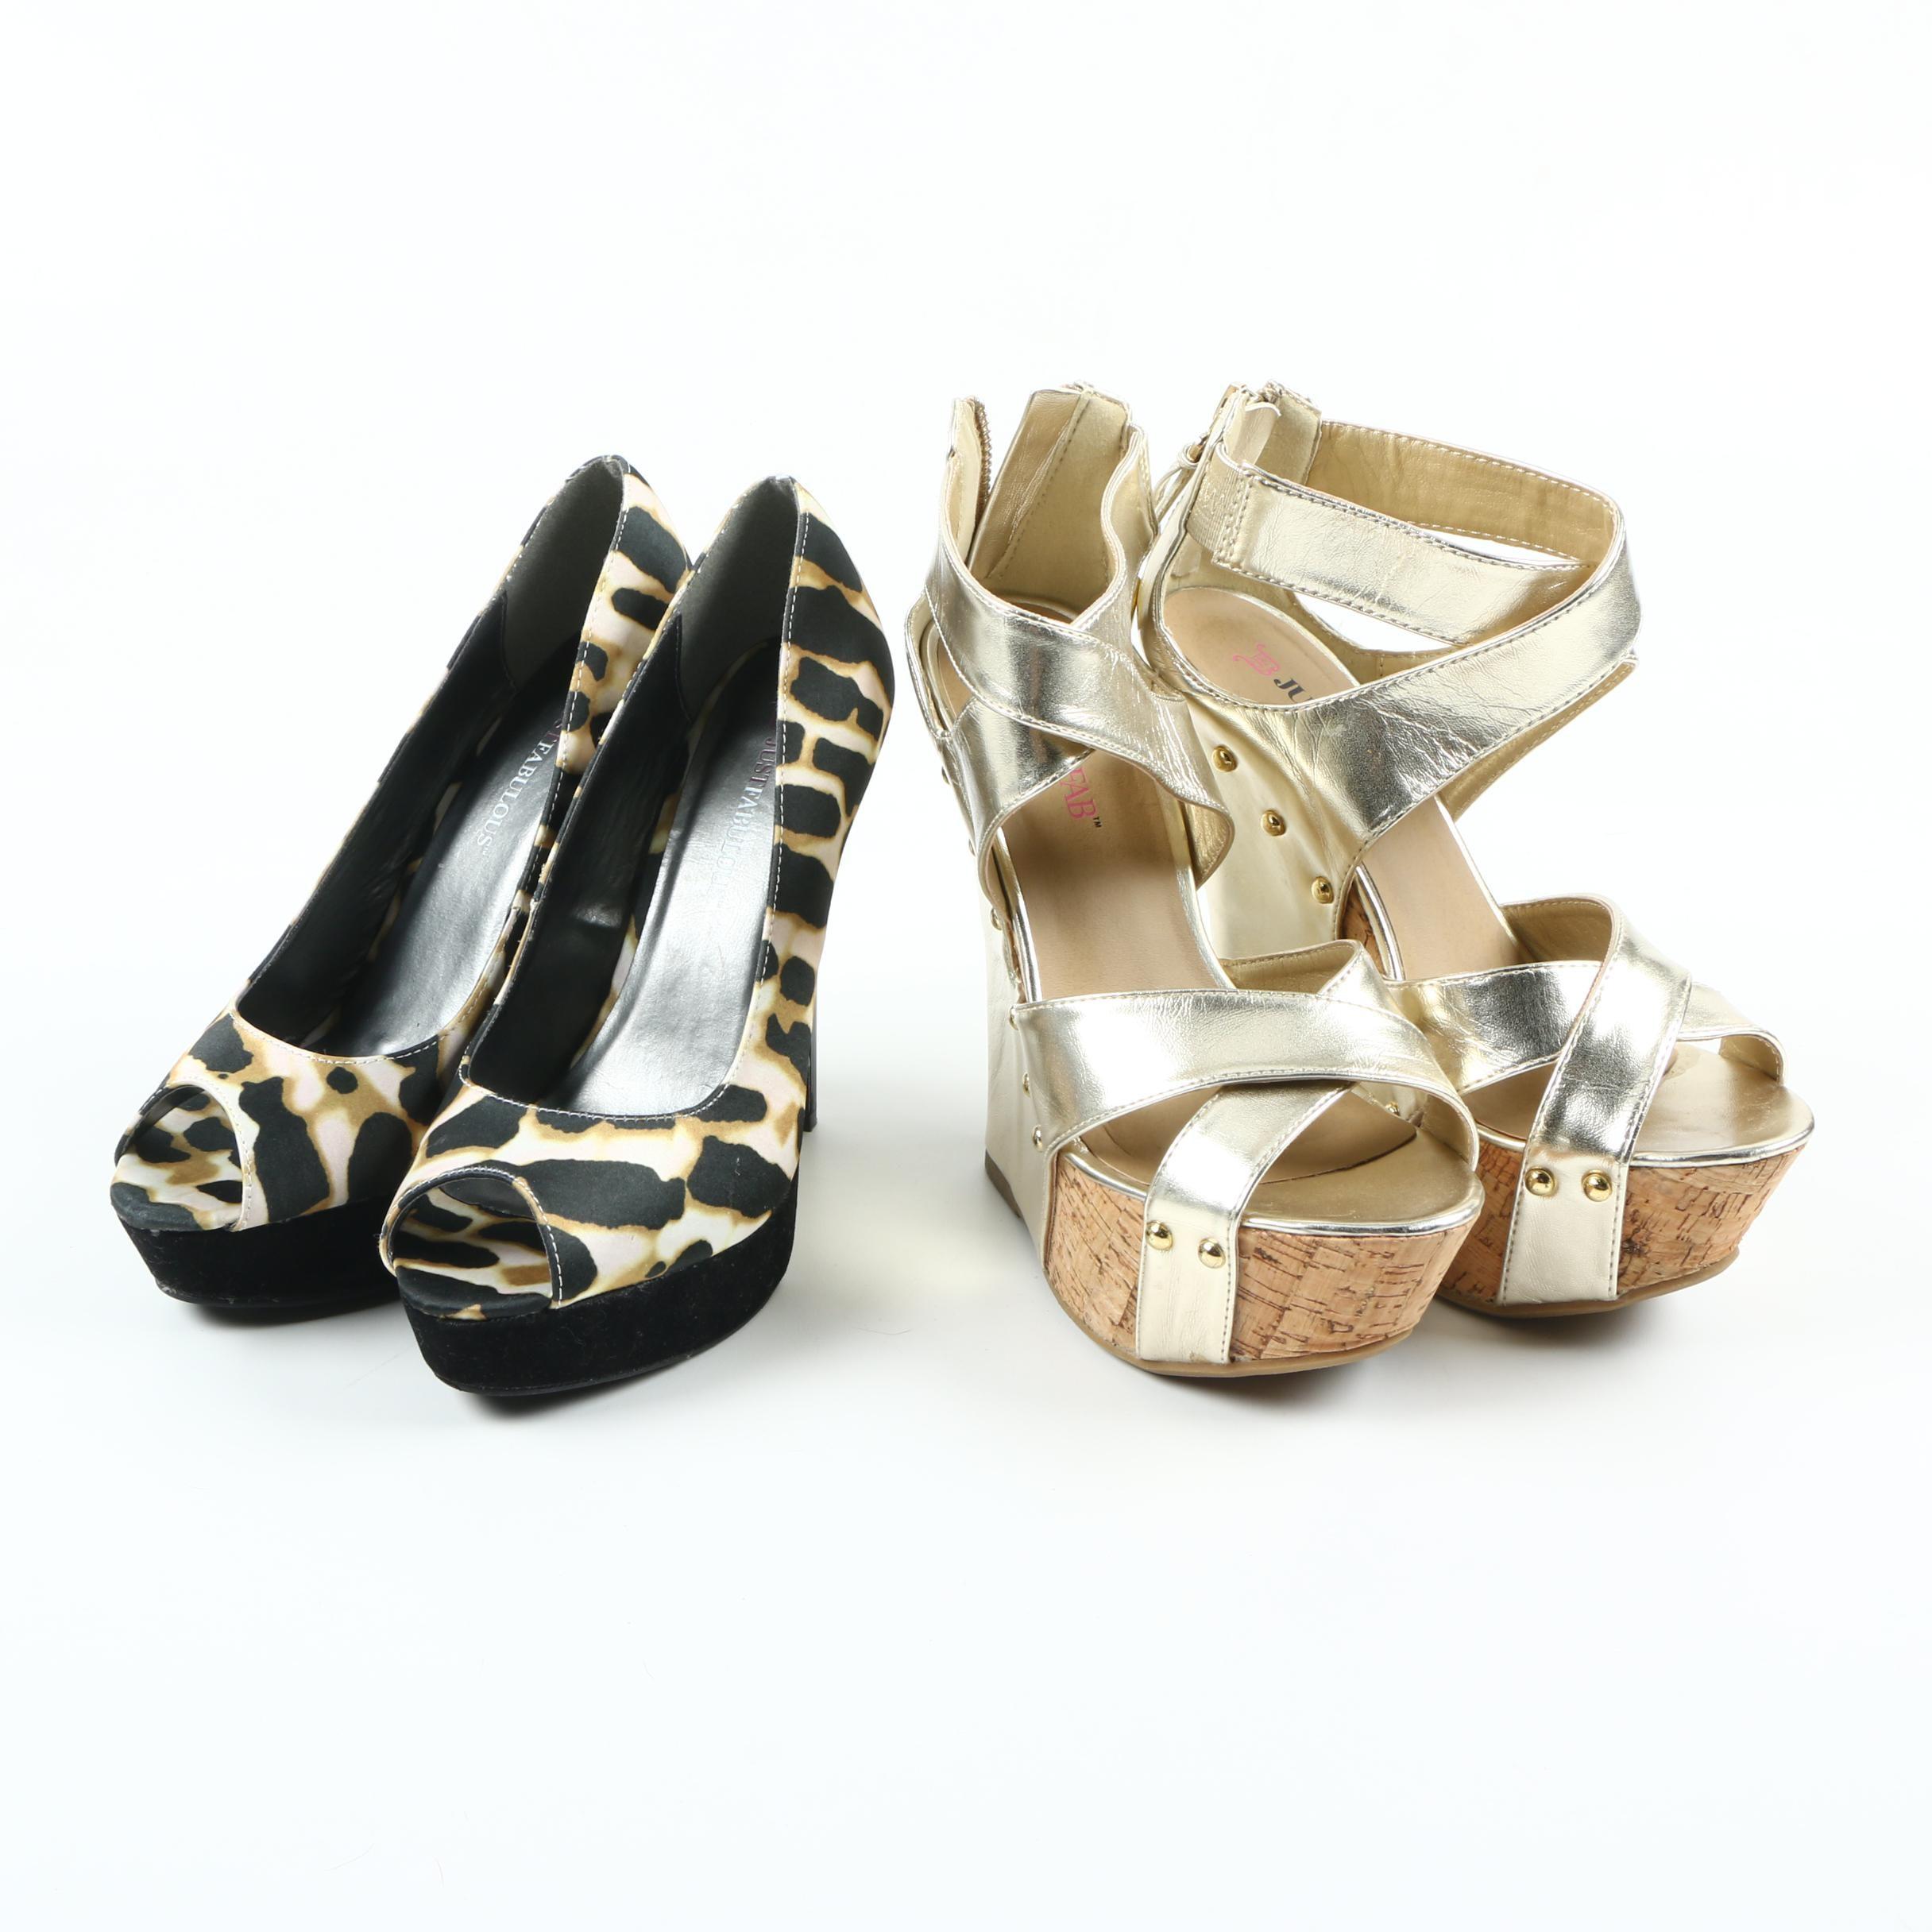 Just Fabulous Platform Shoes